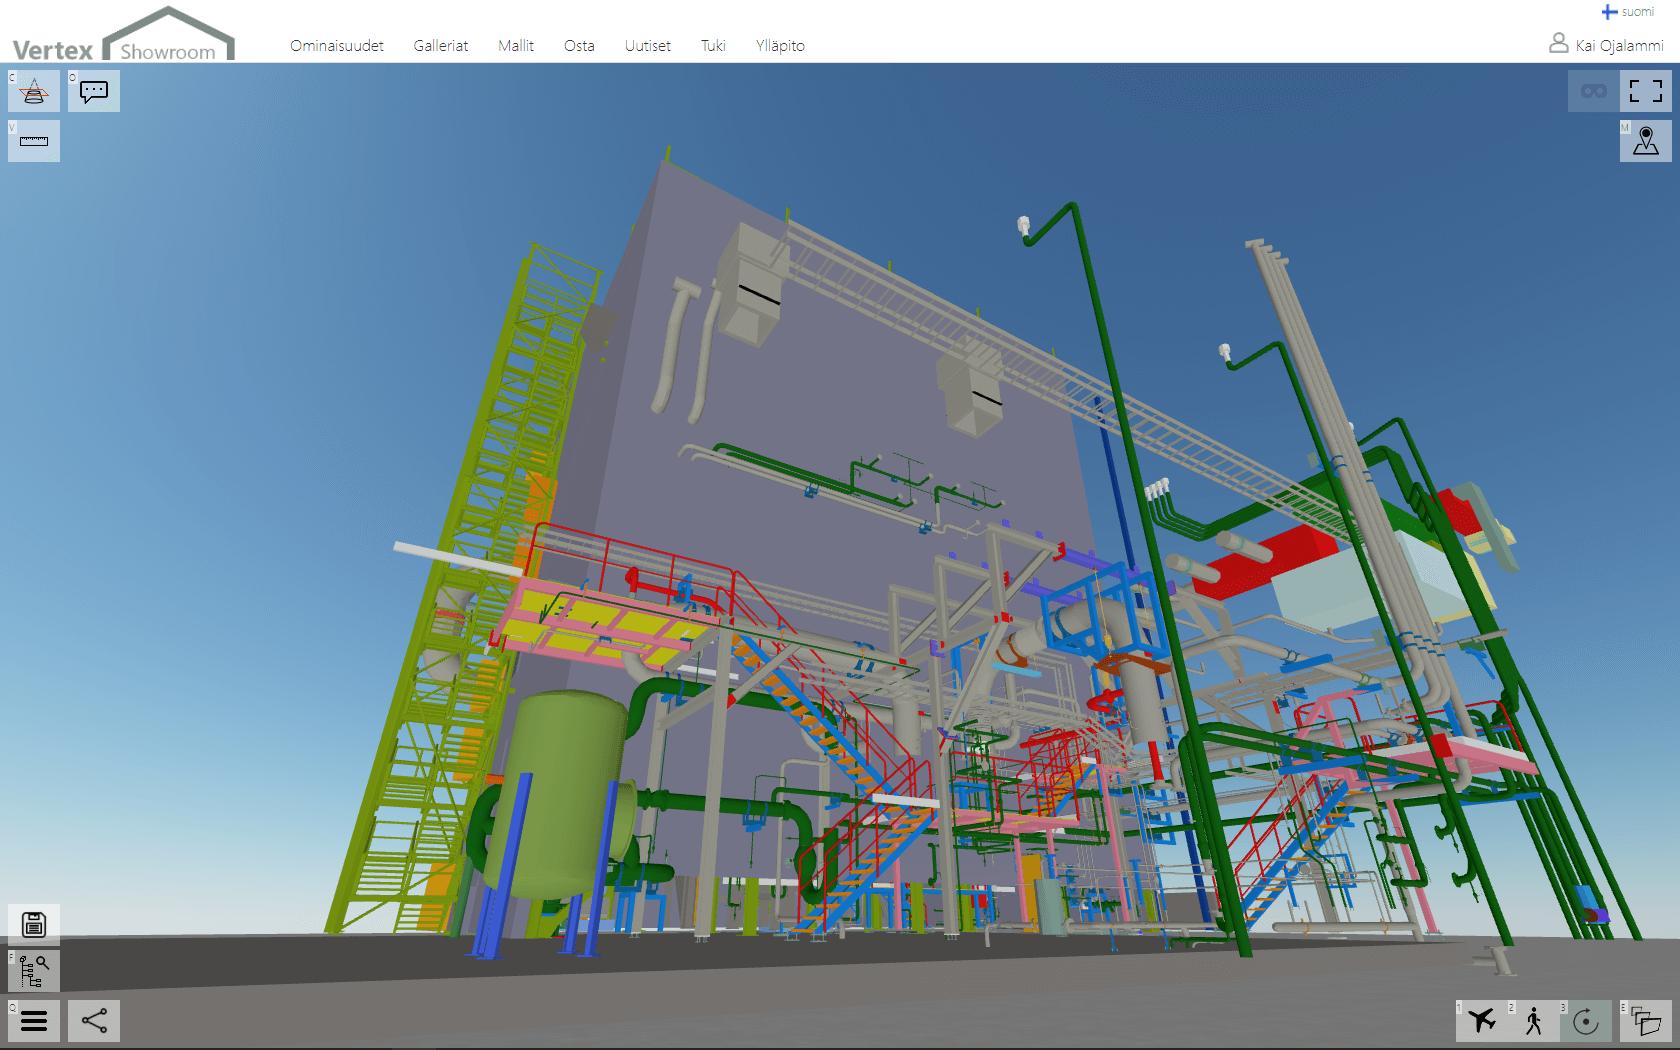 Showroom-palveluun julkaistu 3D-laitosmalli